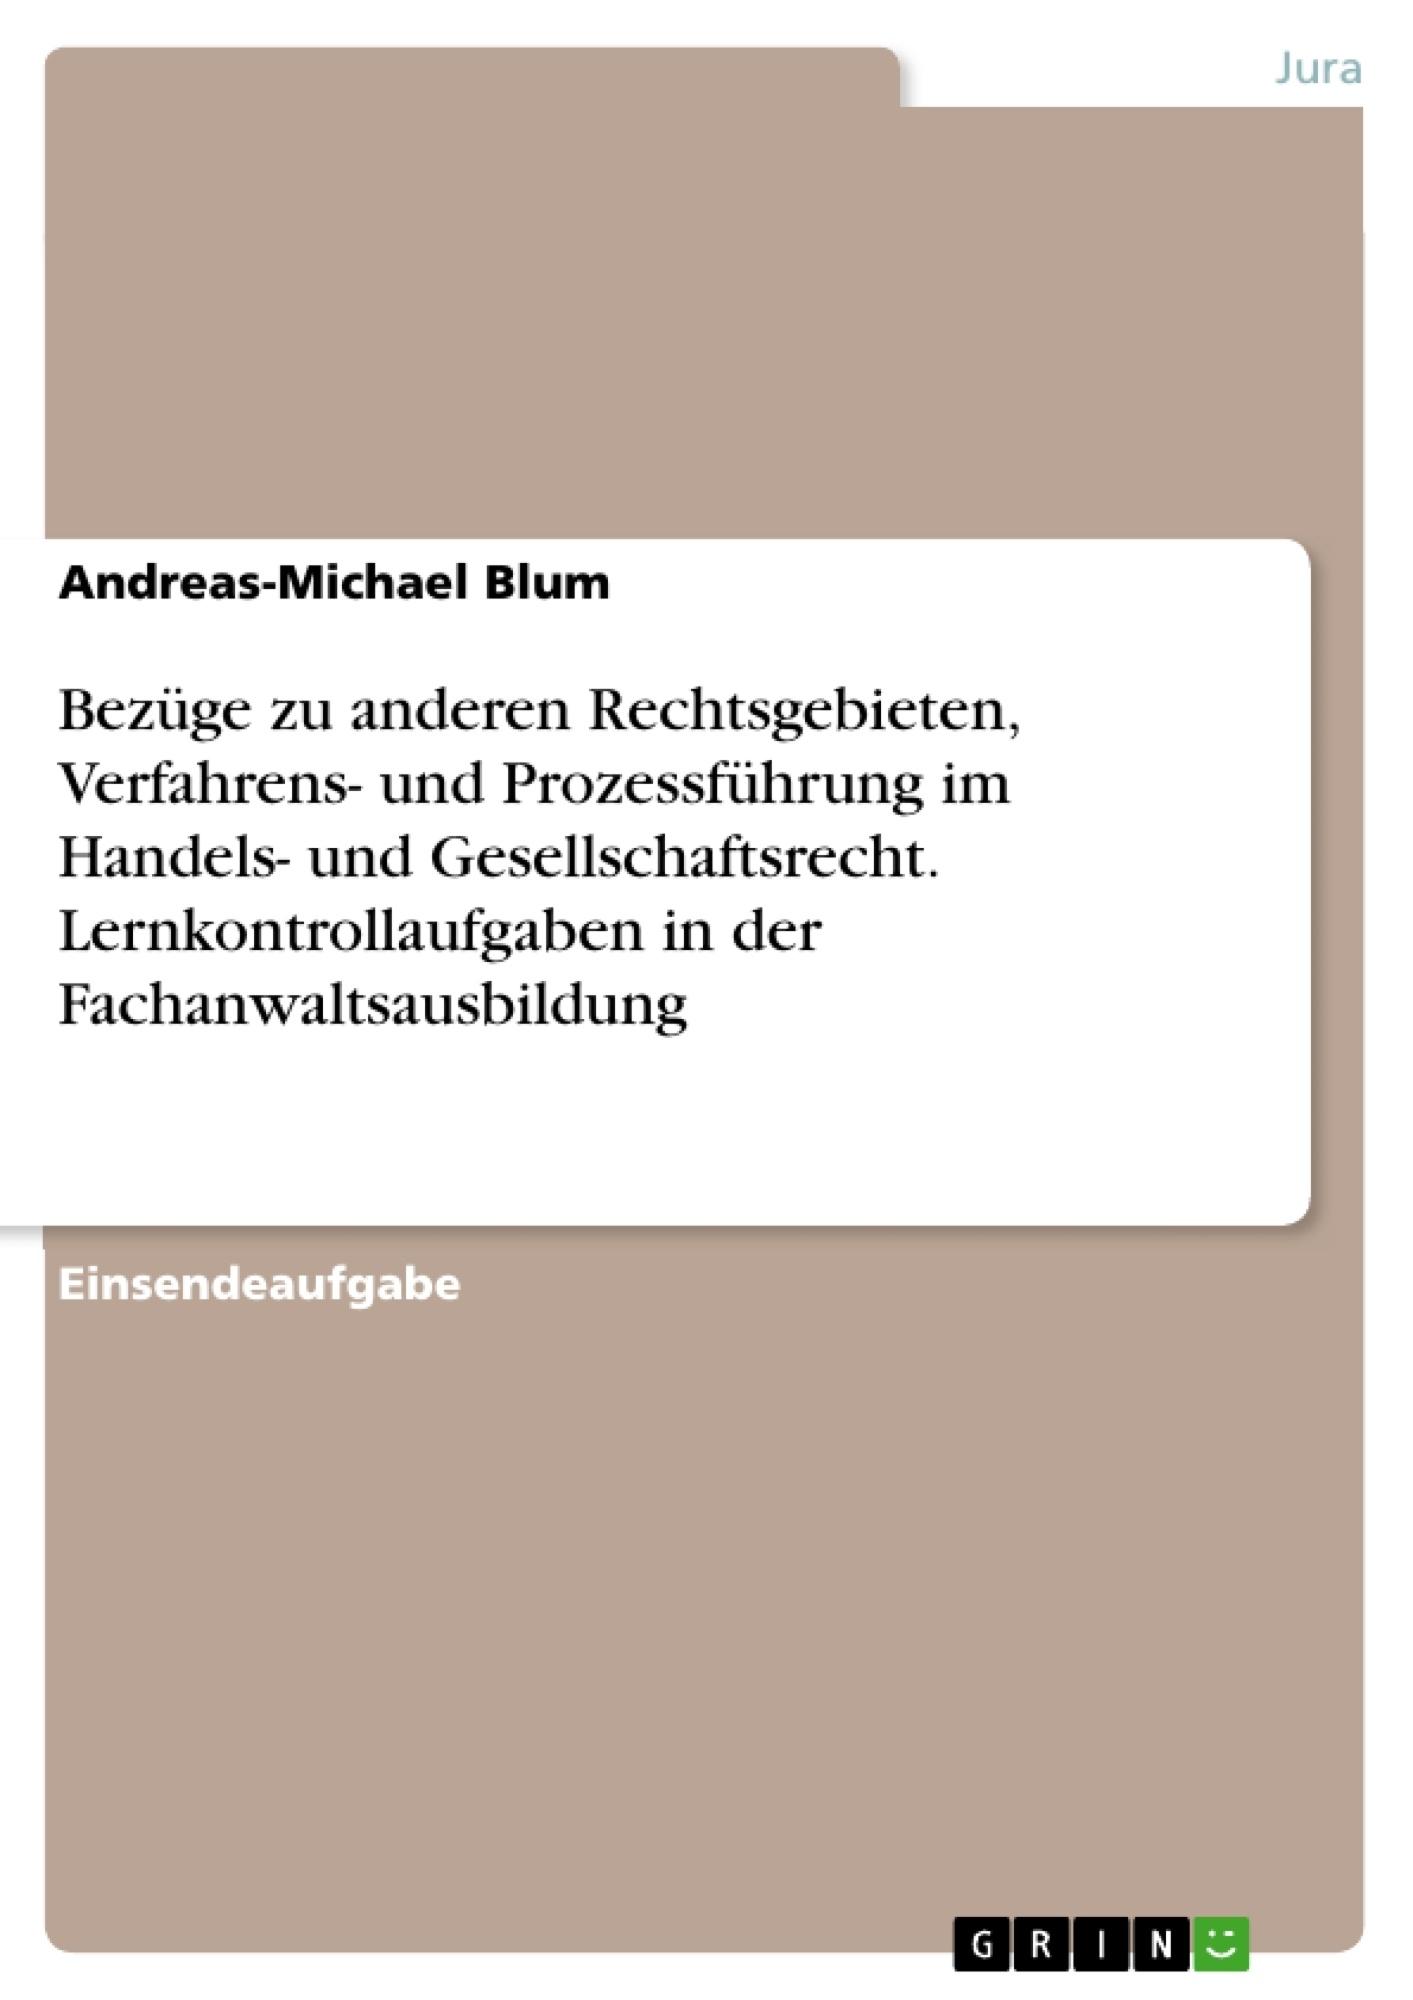 Titel: Bezüge zu anderen Rechtsgebieten, Verfahrens- und Prozessführung im Handels- und Gesellschaftsrecht. Lernkontrollaufgaben in der Fachanwaltsausbildung